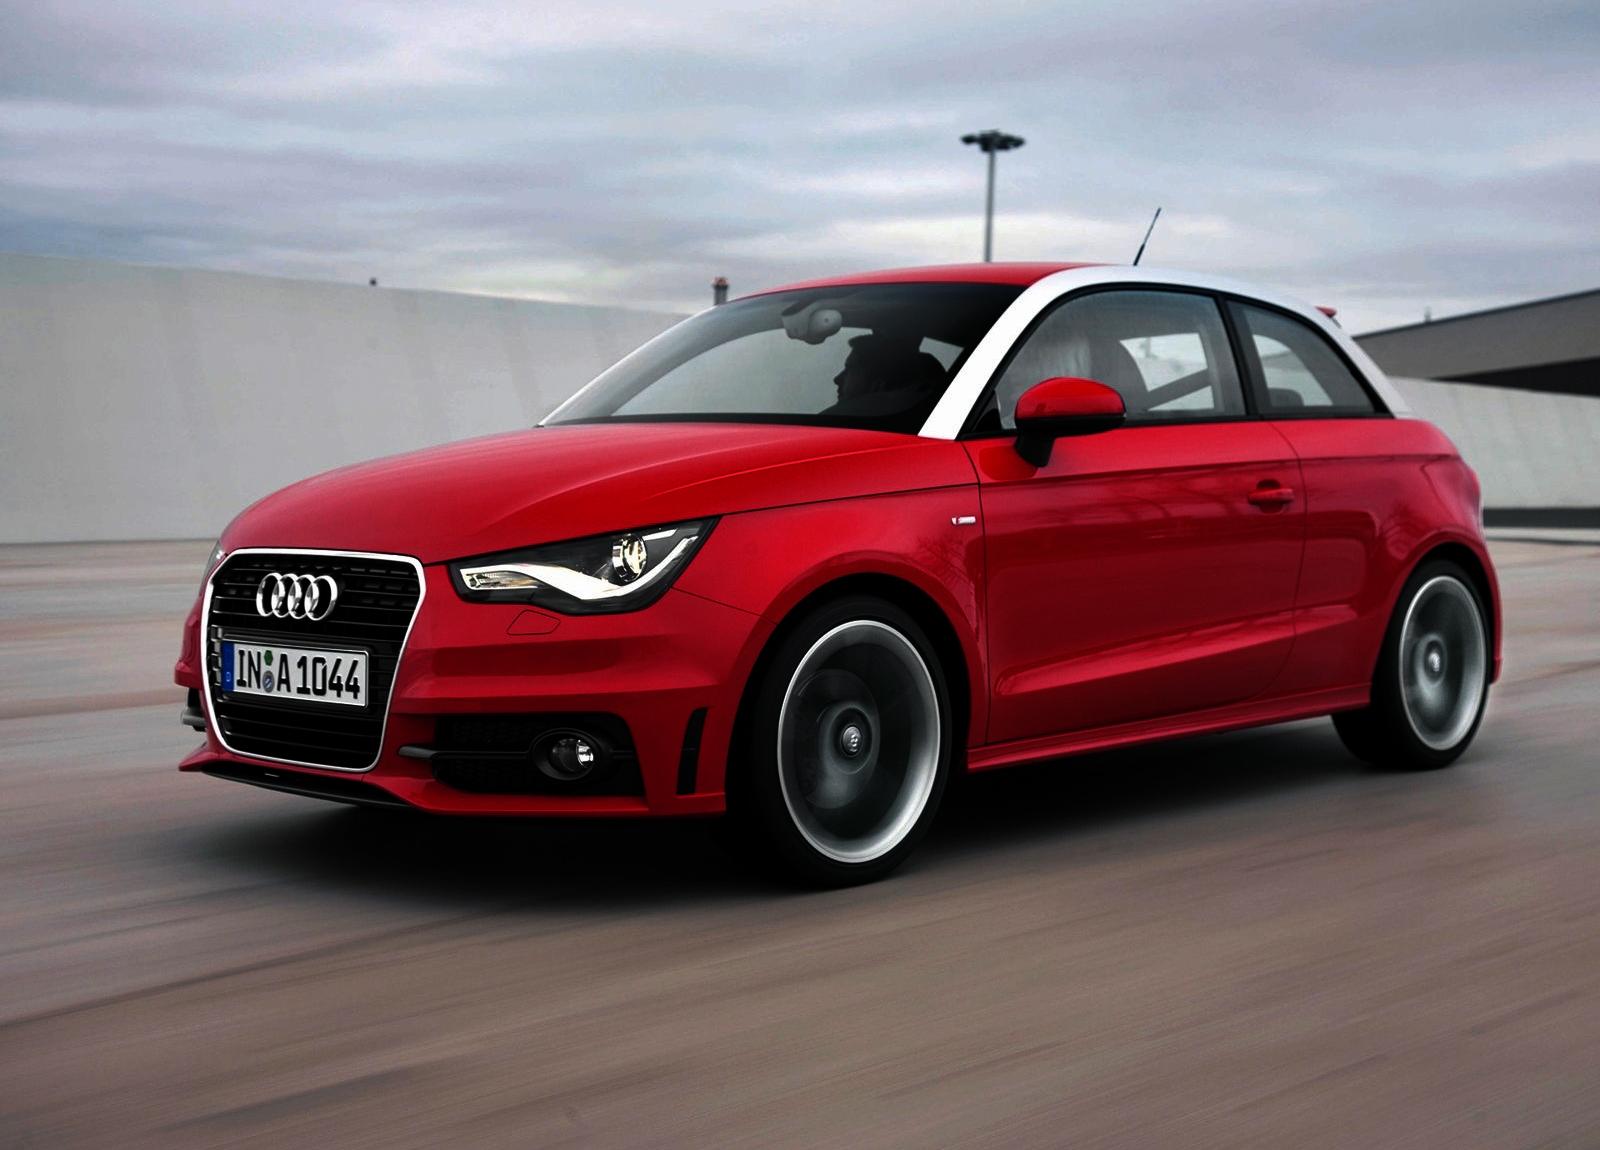 audi a1 neu 2 - Audi A1 neu bilder